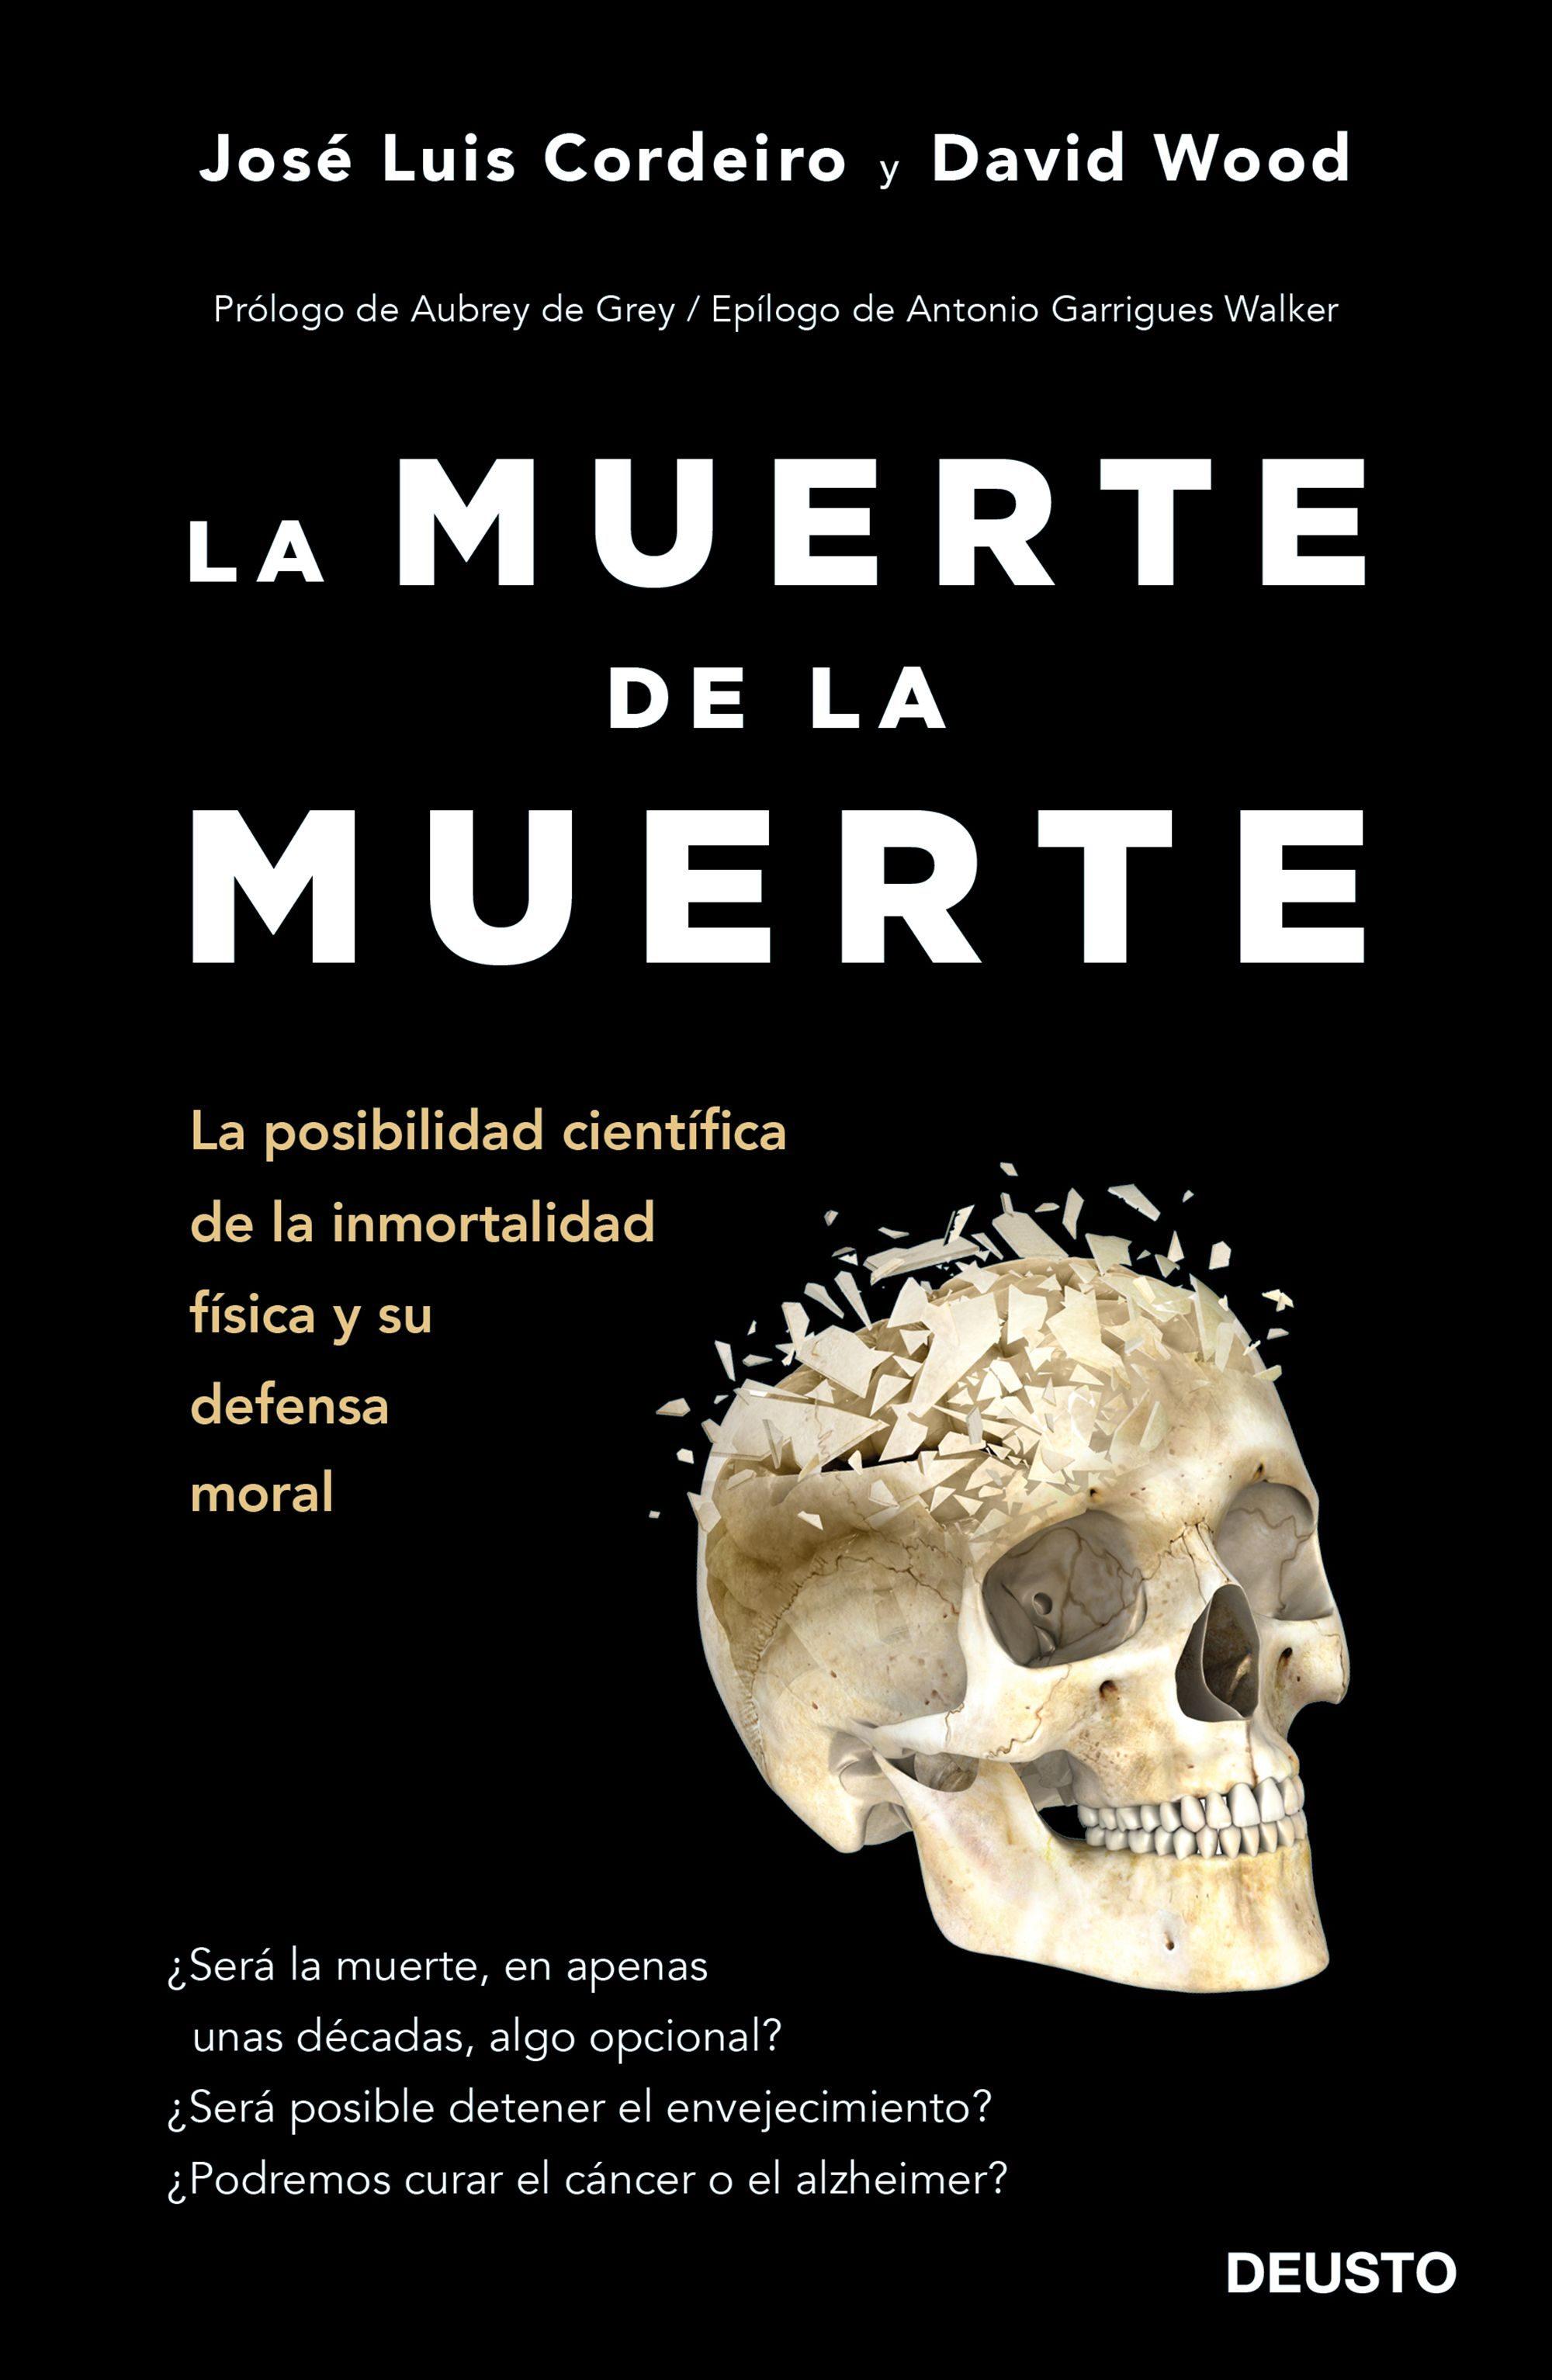 La muerte será opcional en 2045, según dos científicos